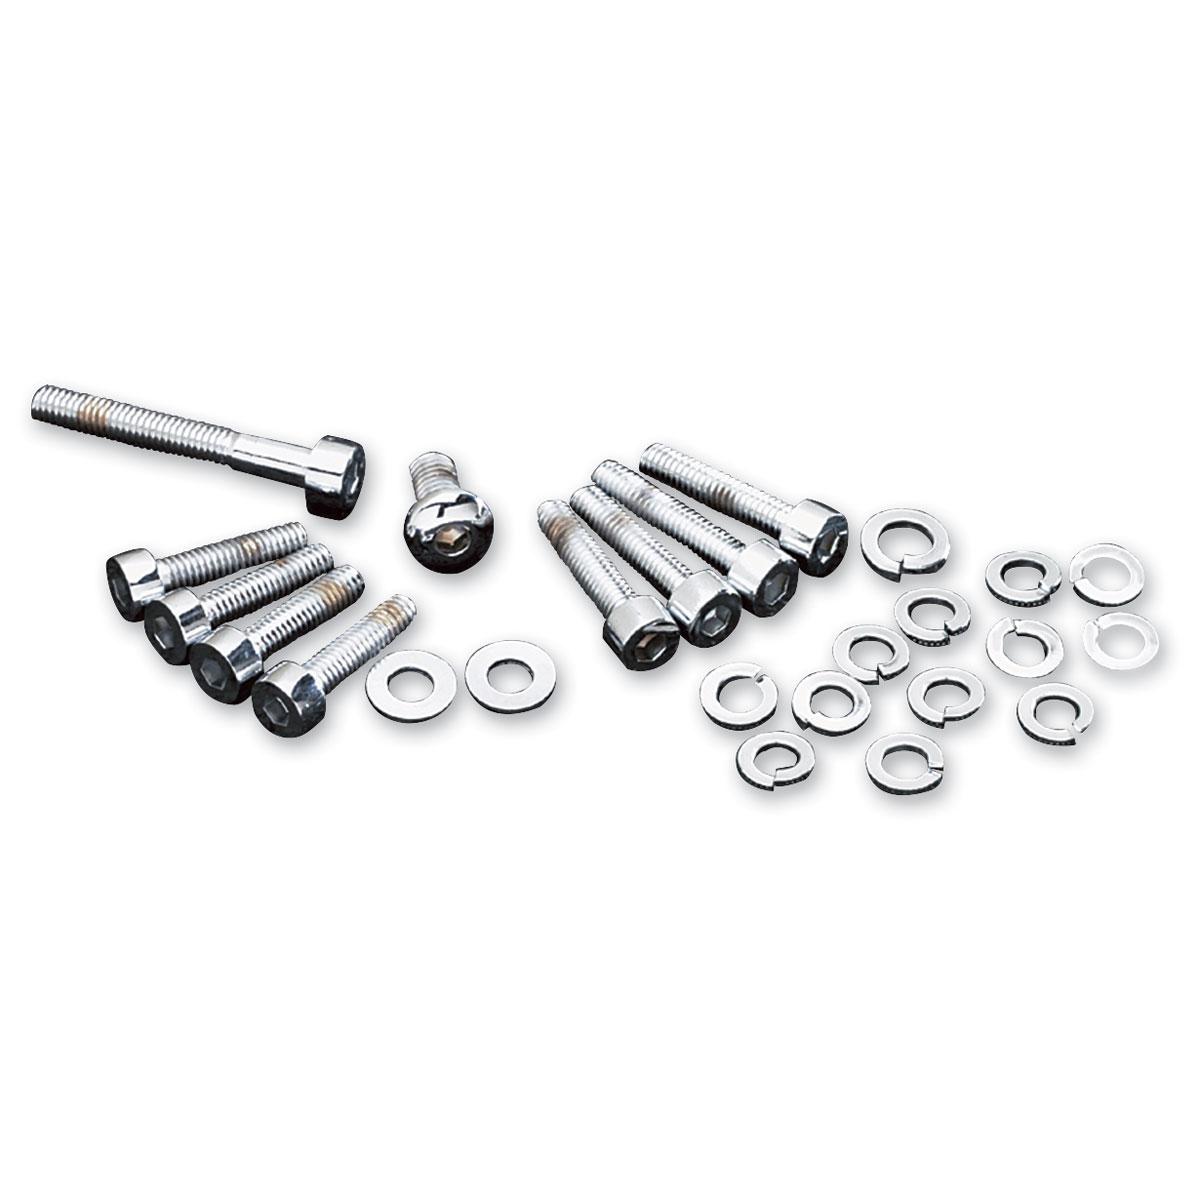 J&P Cycles® Keihin CV Carb Bolt Kit